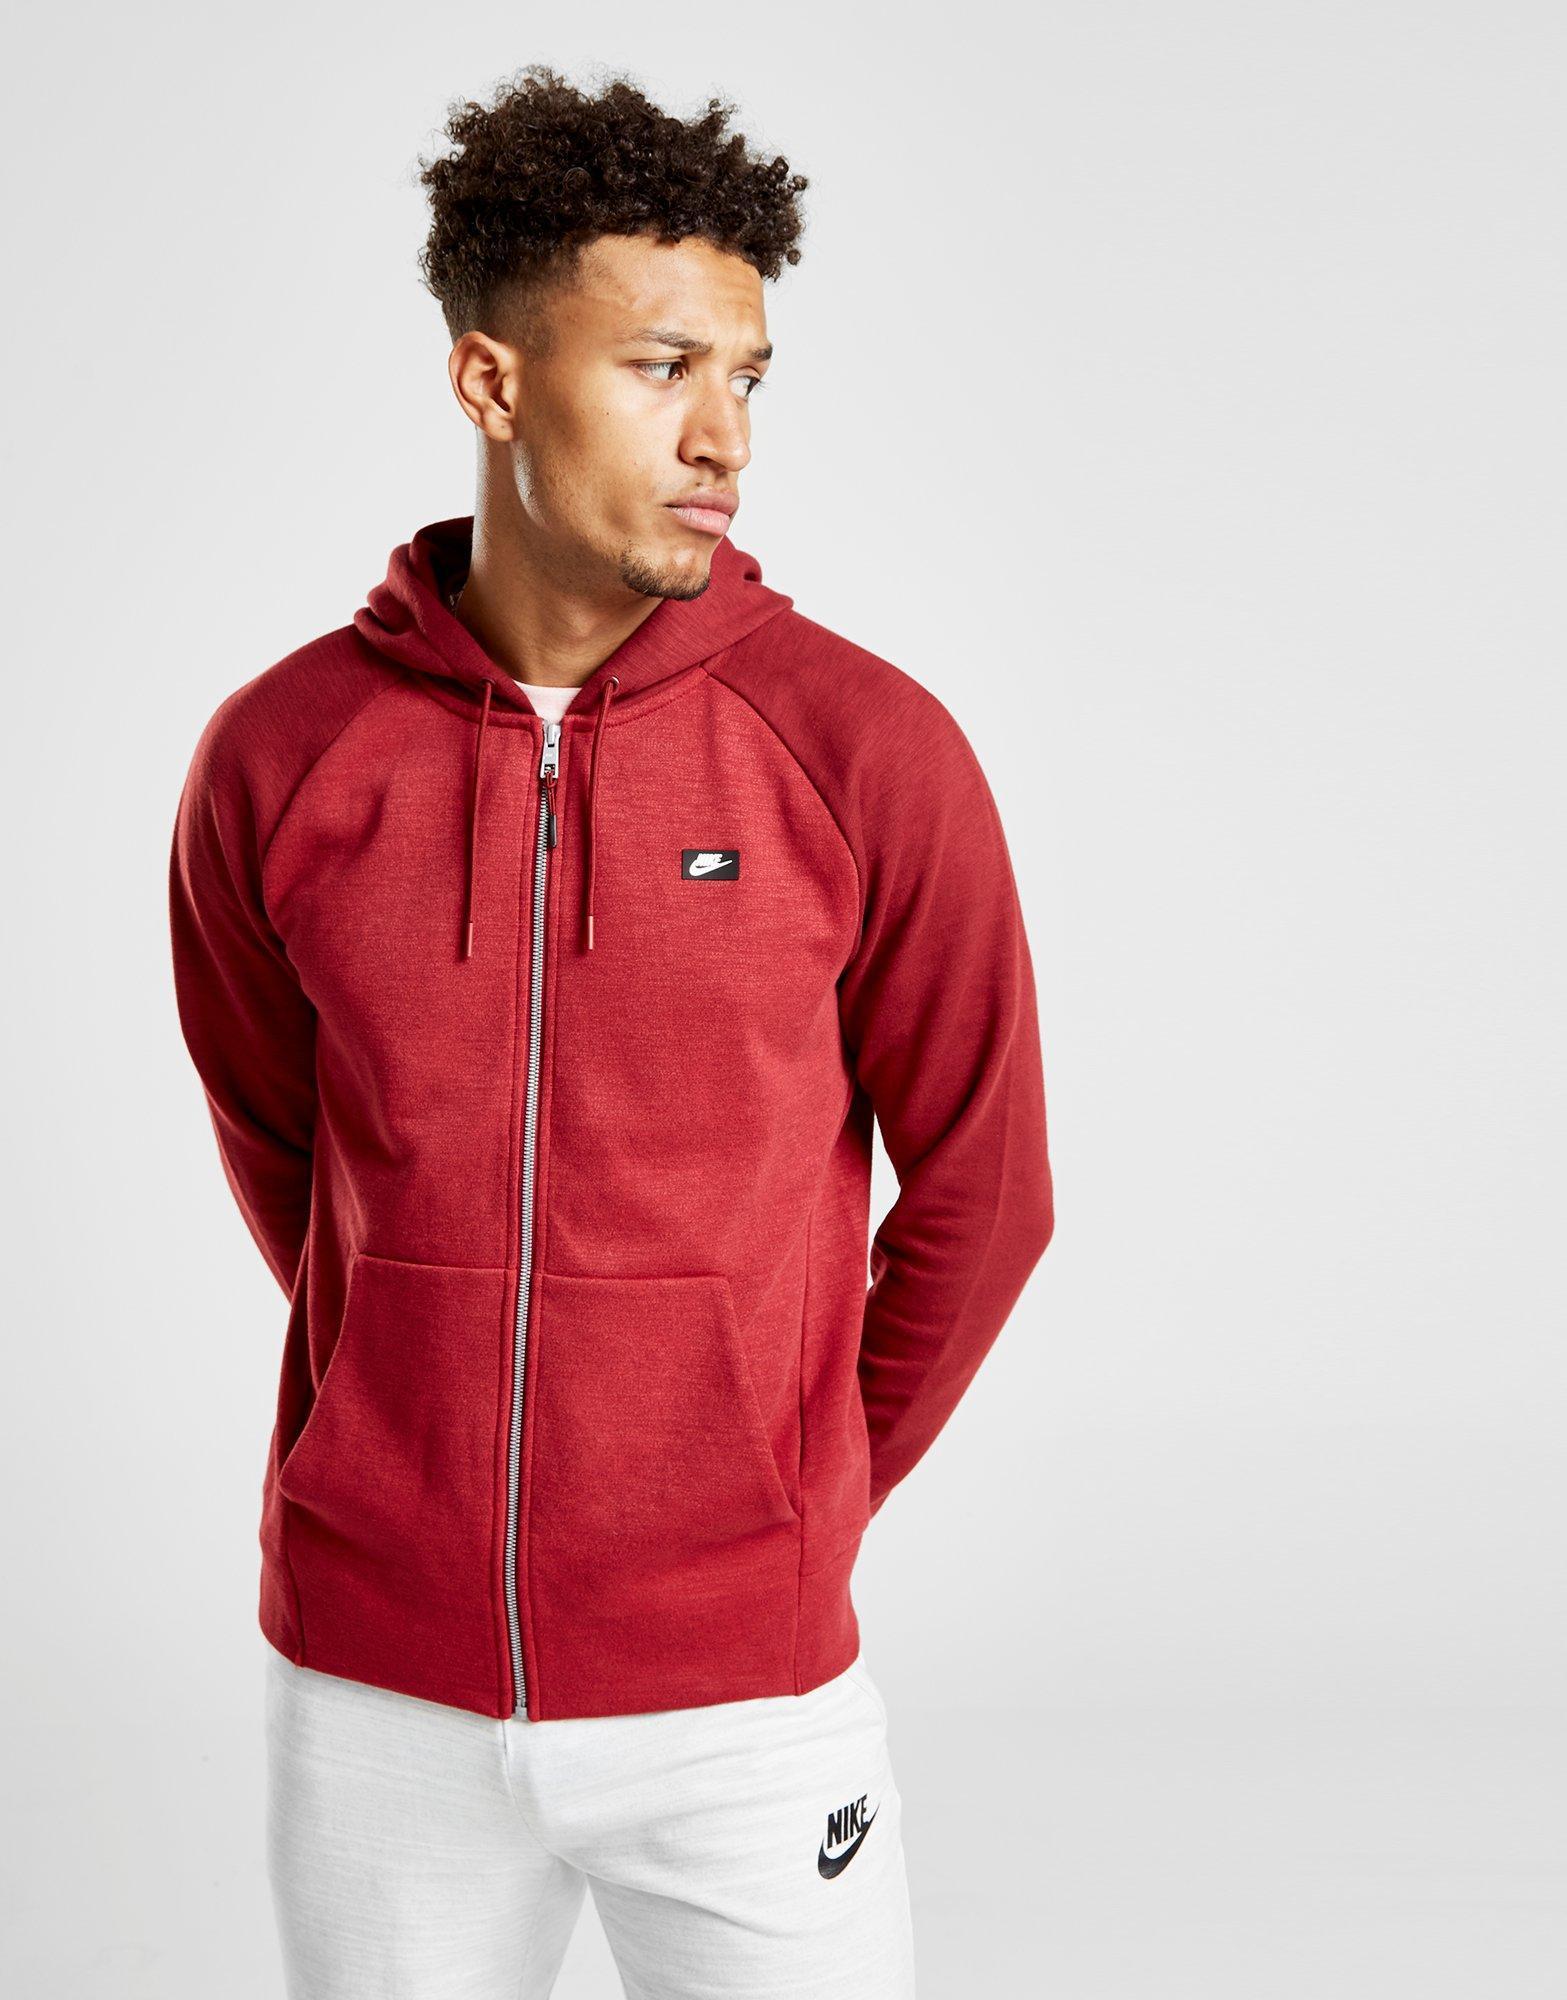 57426059 Nike Optic Full Zip Hoodie in Red for Men - Lyst